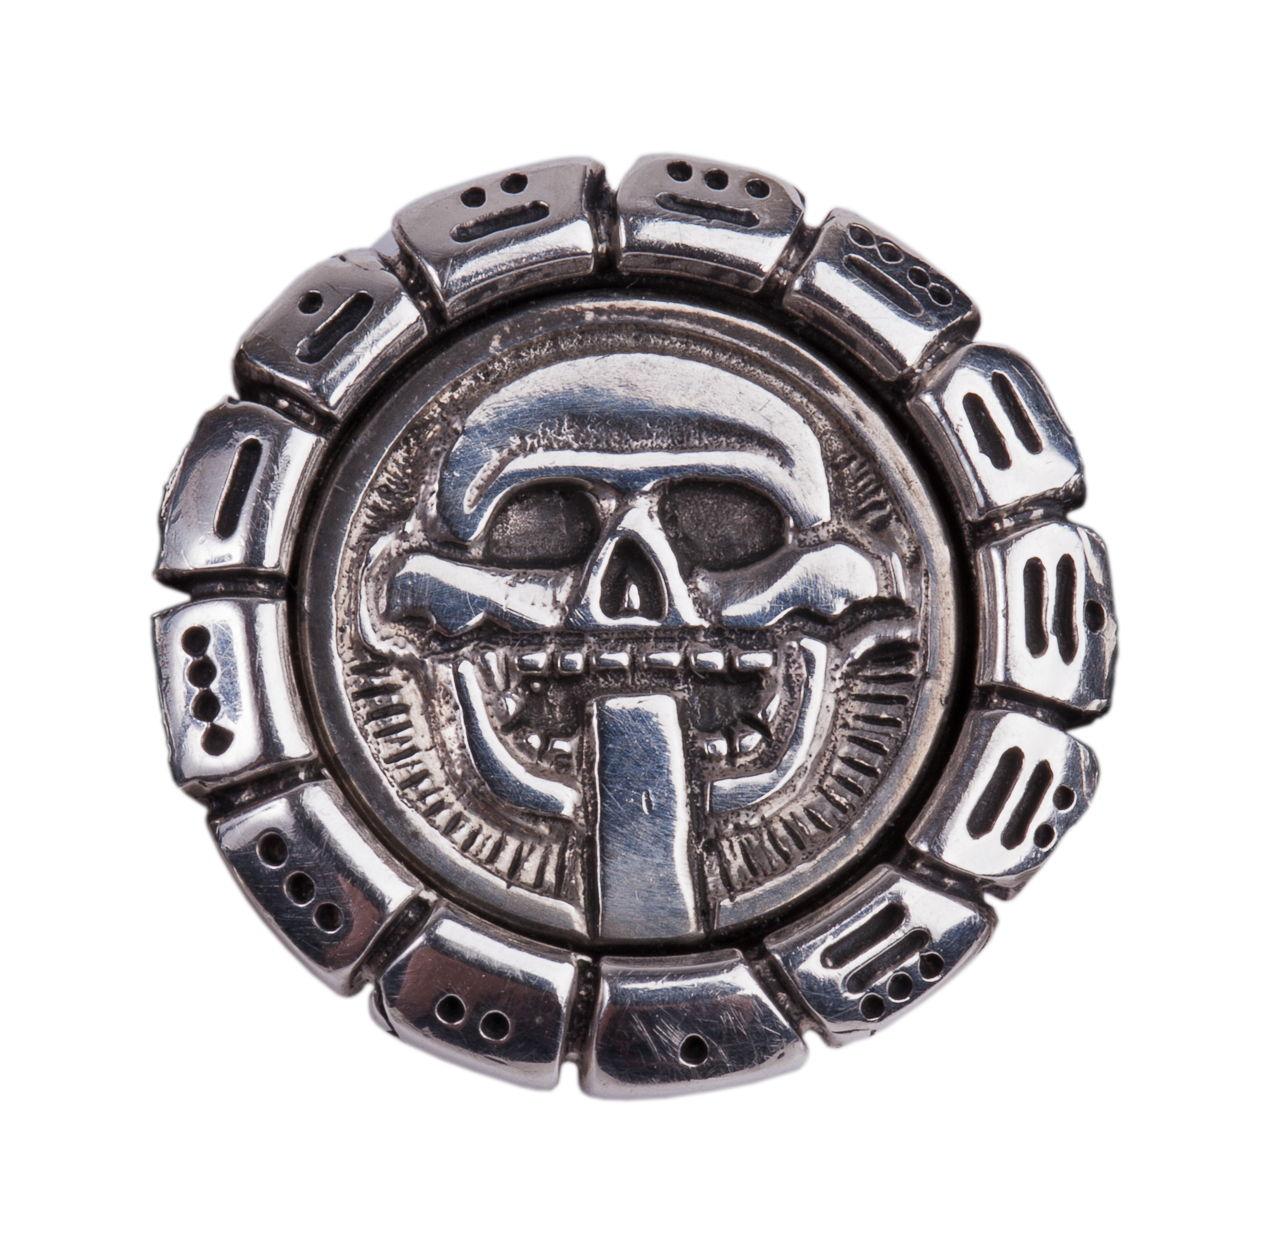 Mayan Cosmology - Myth of Mayan Creation